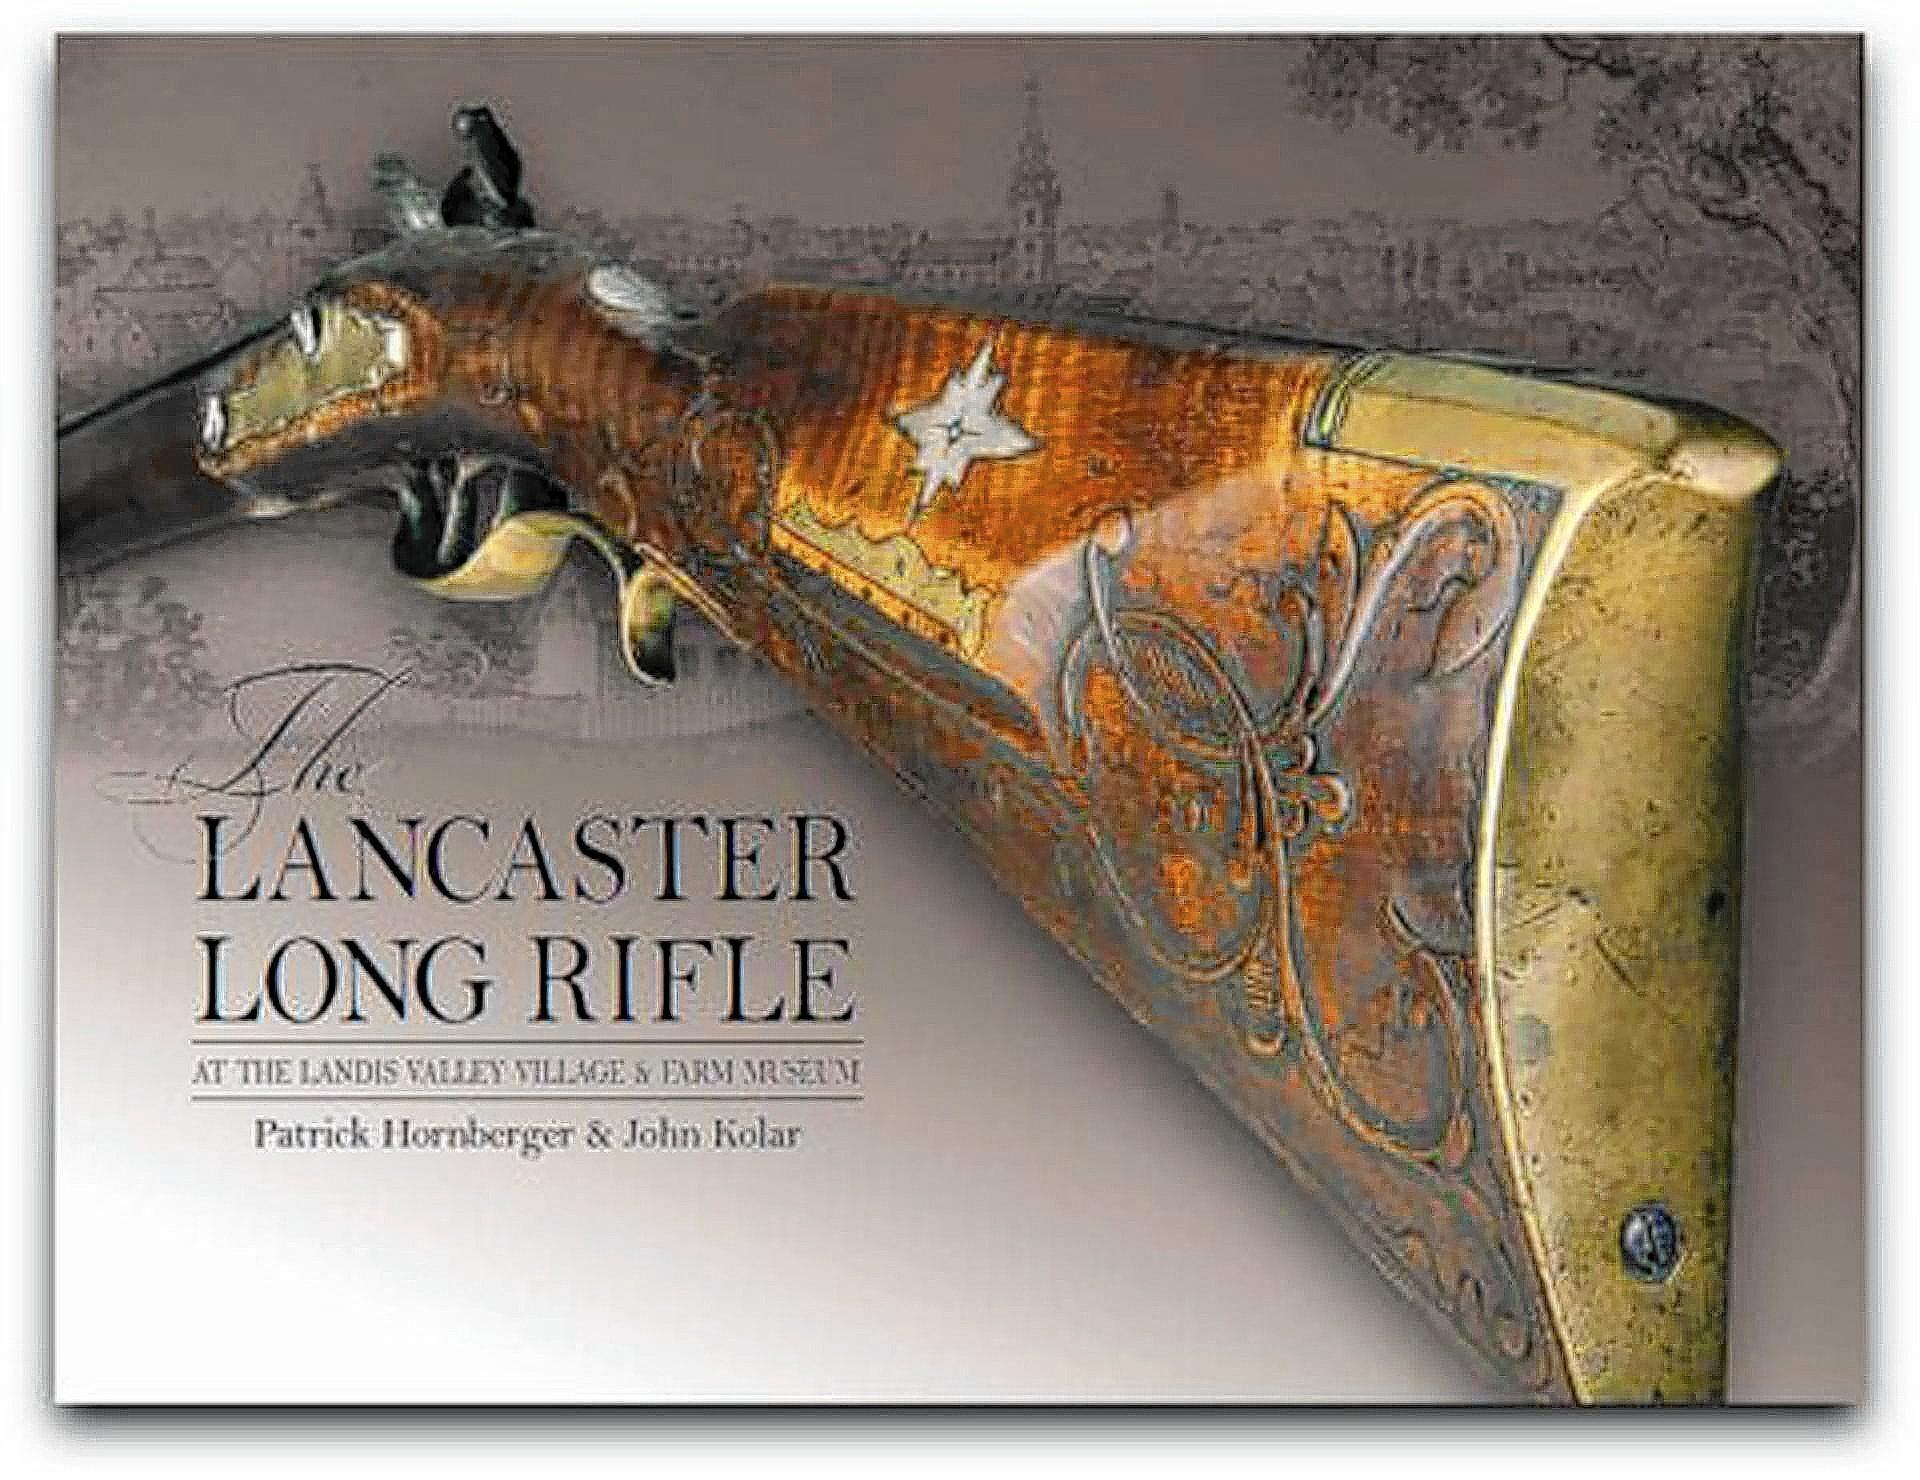 Long rifle bill is bad history, gun experts say - The